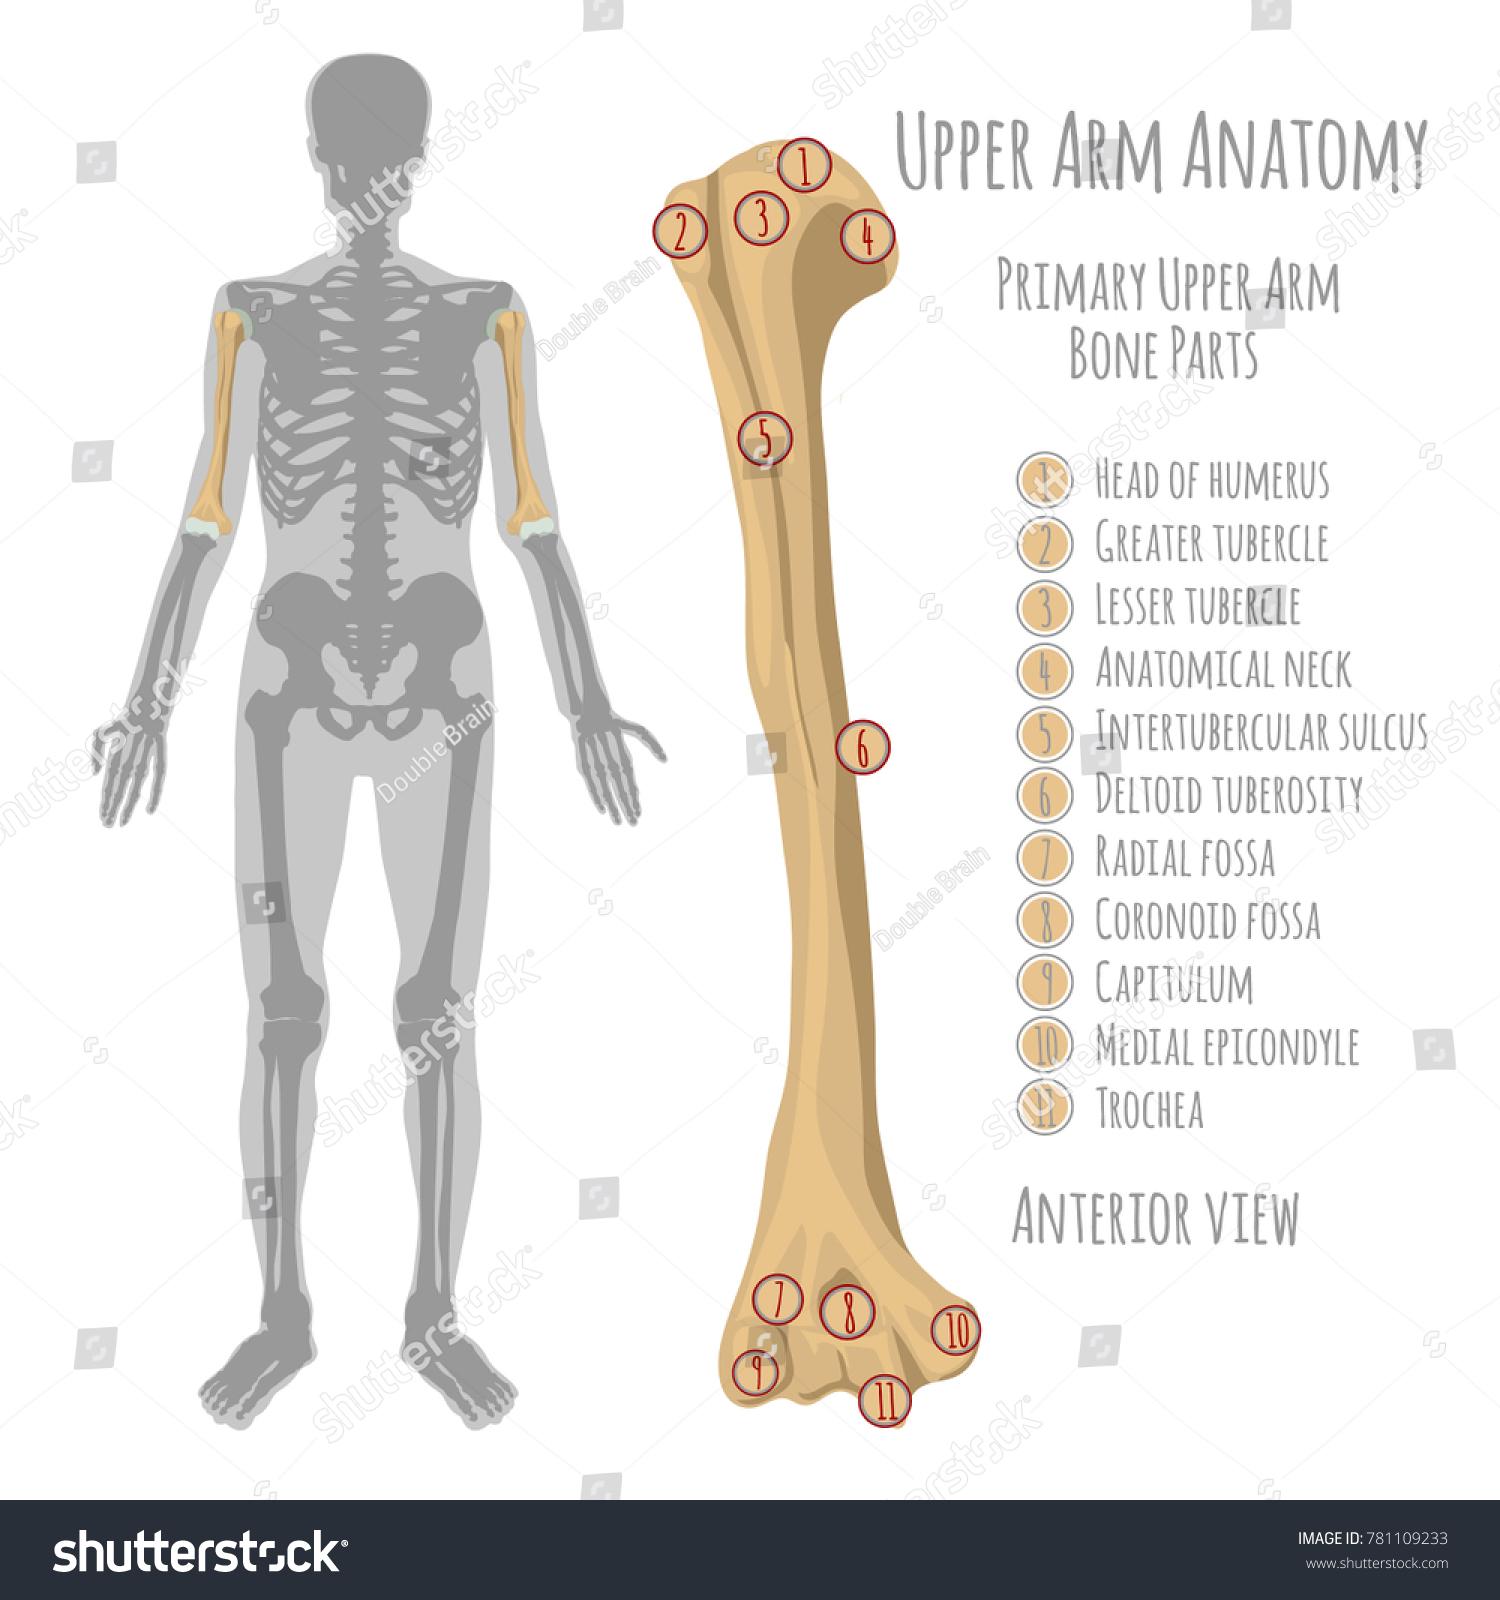 Arm anatomy bones